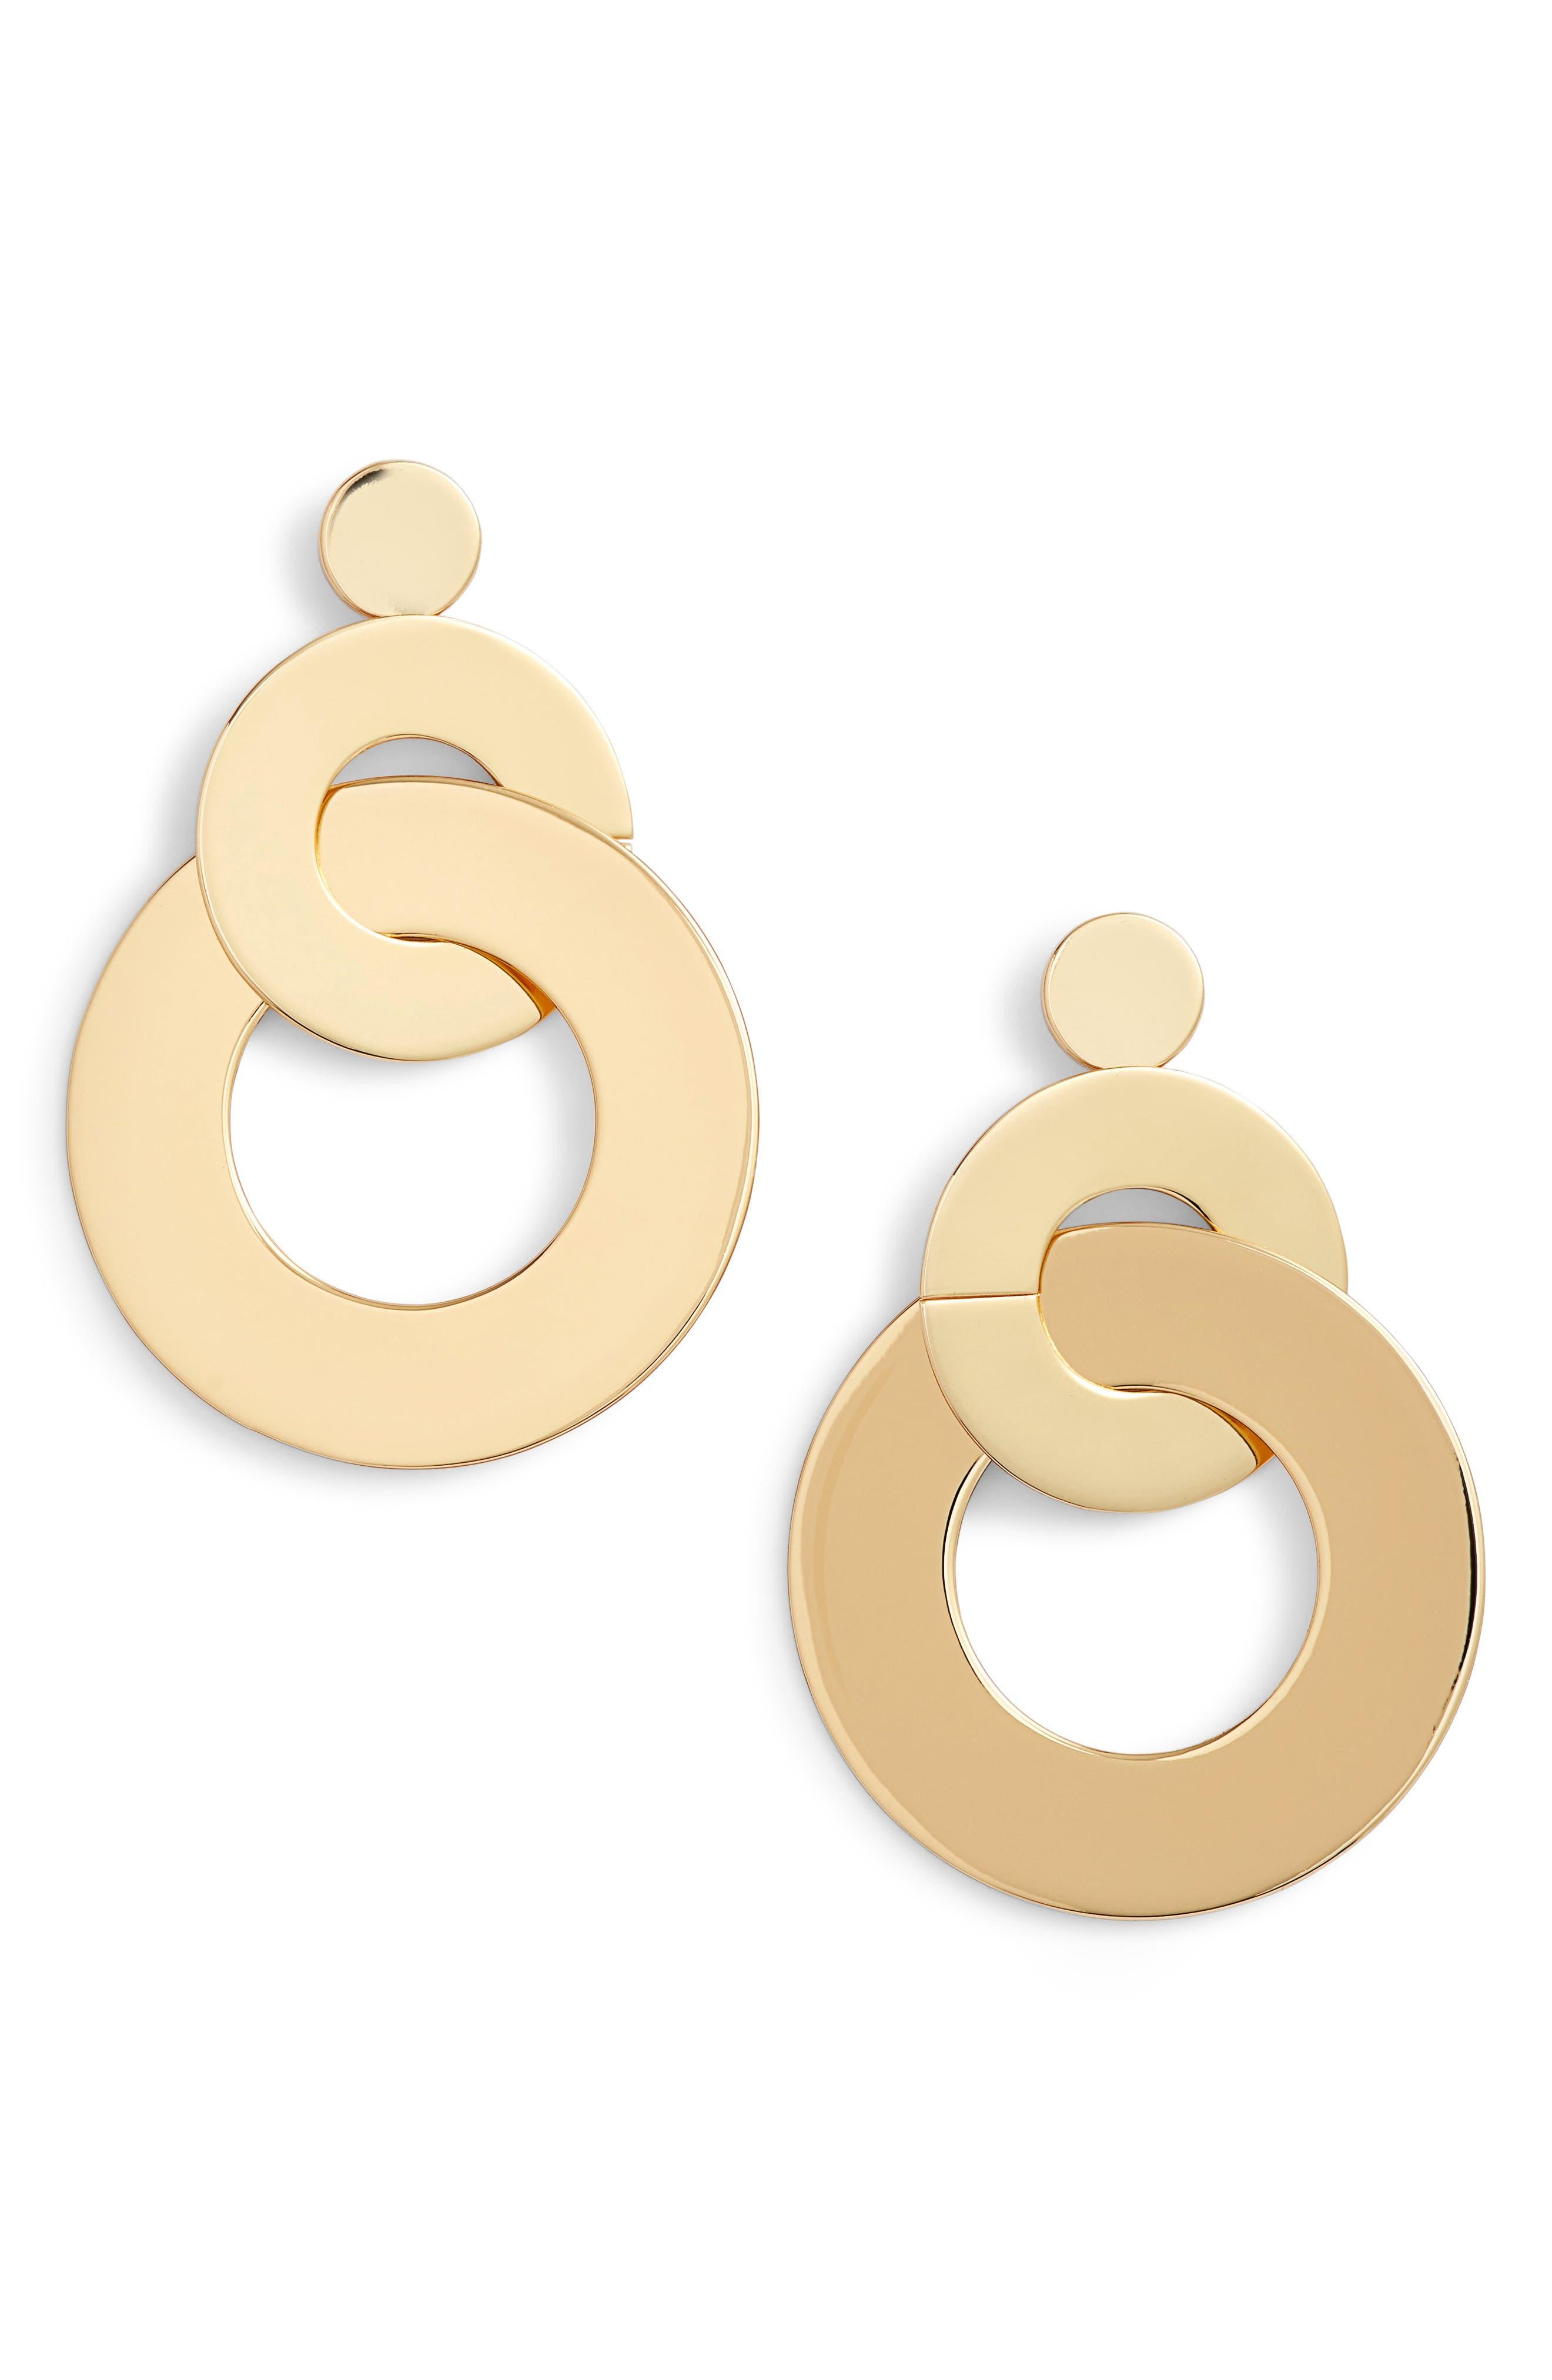 TGIF Earrings,                             Main thumbnail 1, color,                             GOLD